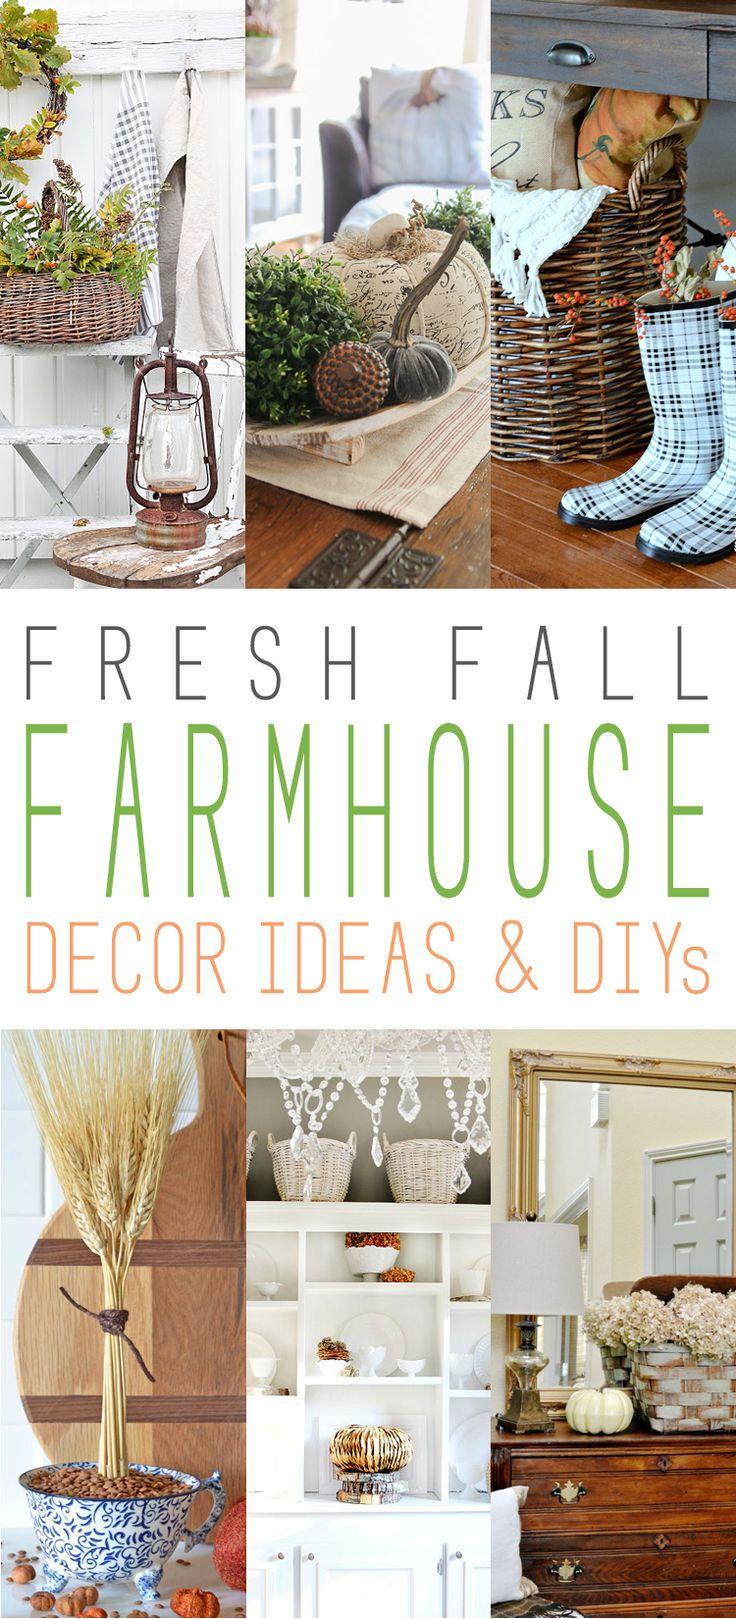 Fresh Fall Farmhouse Decor Ideas and DIY's on Farmhouse Friday